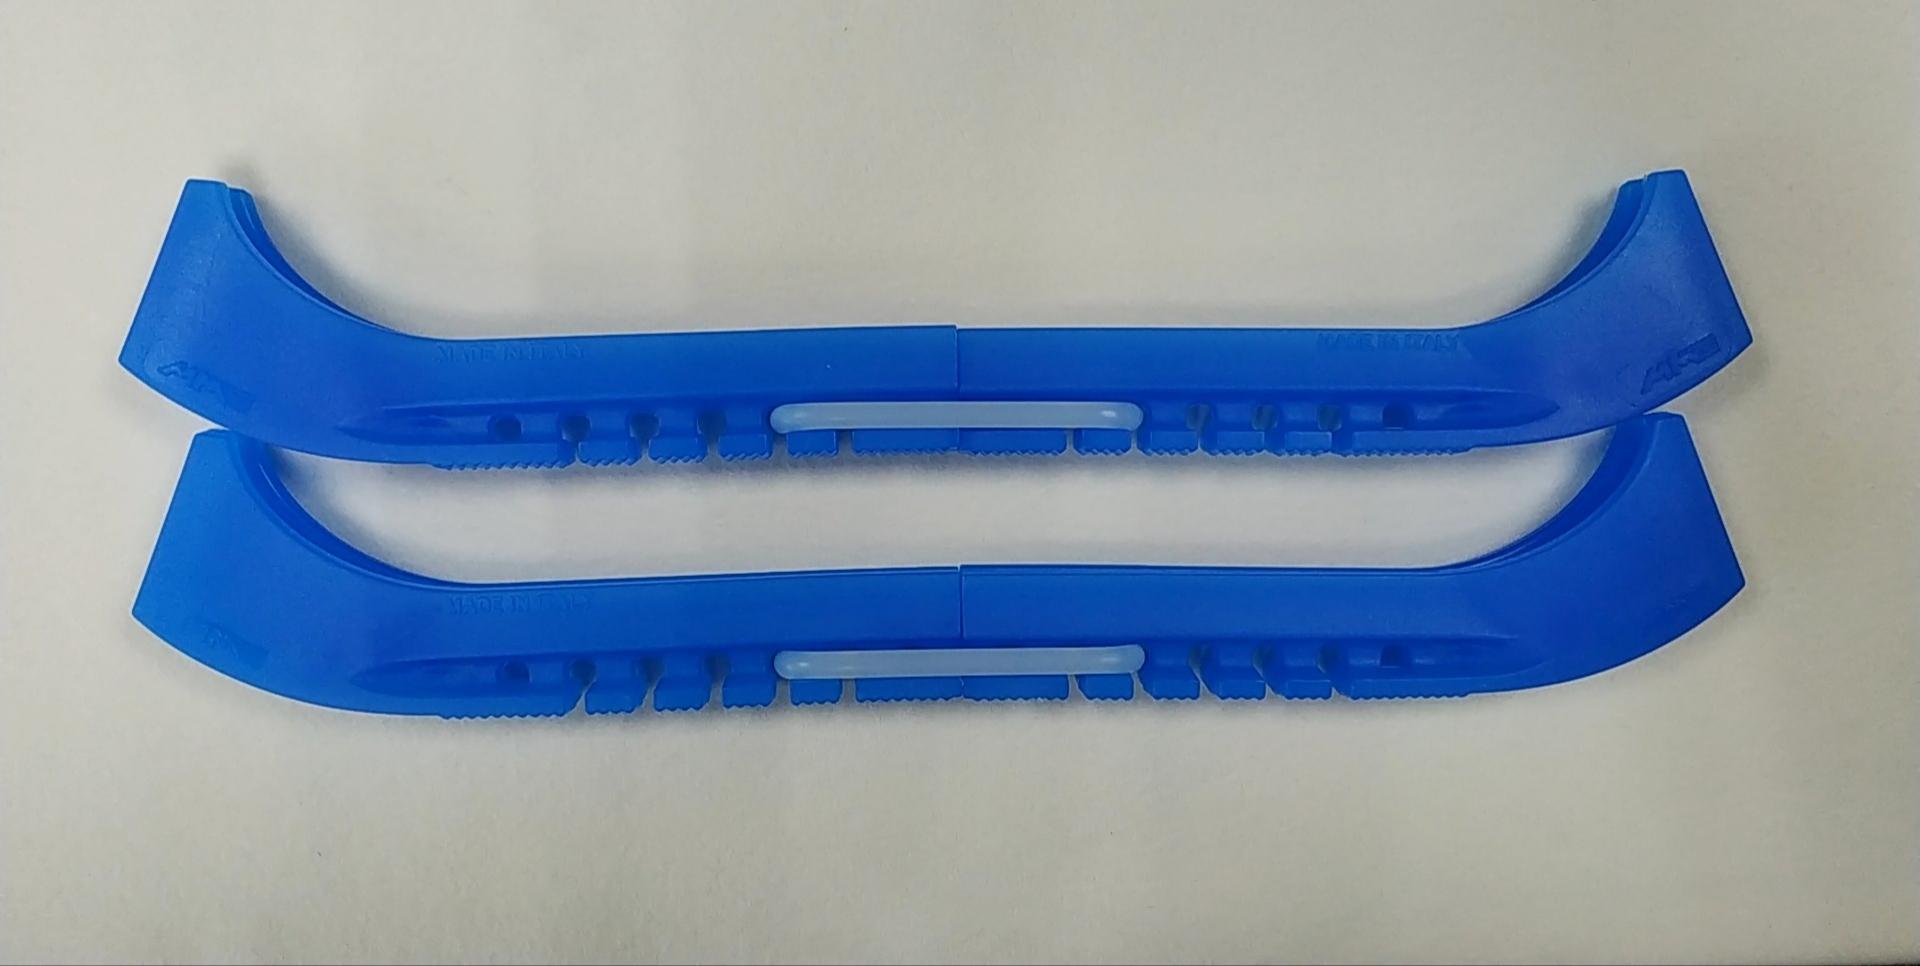 Чехлы на лезвия двойные с силиконовым соединителем (голубые)